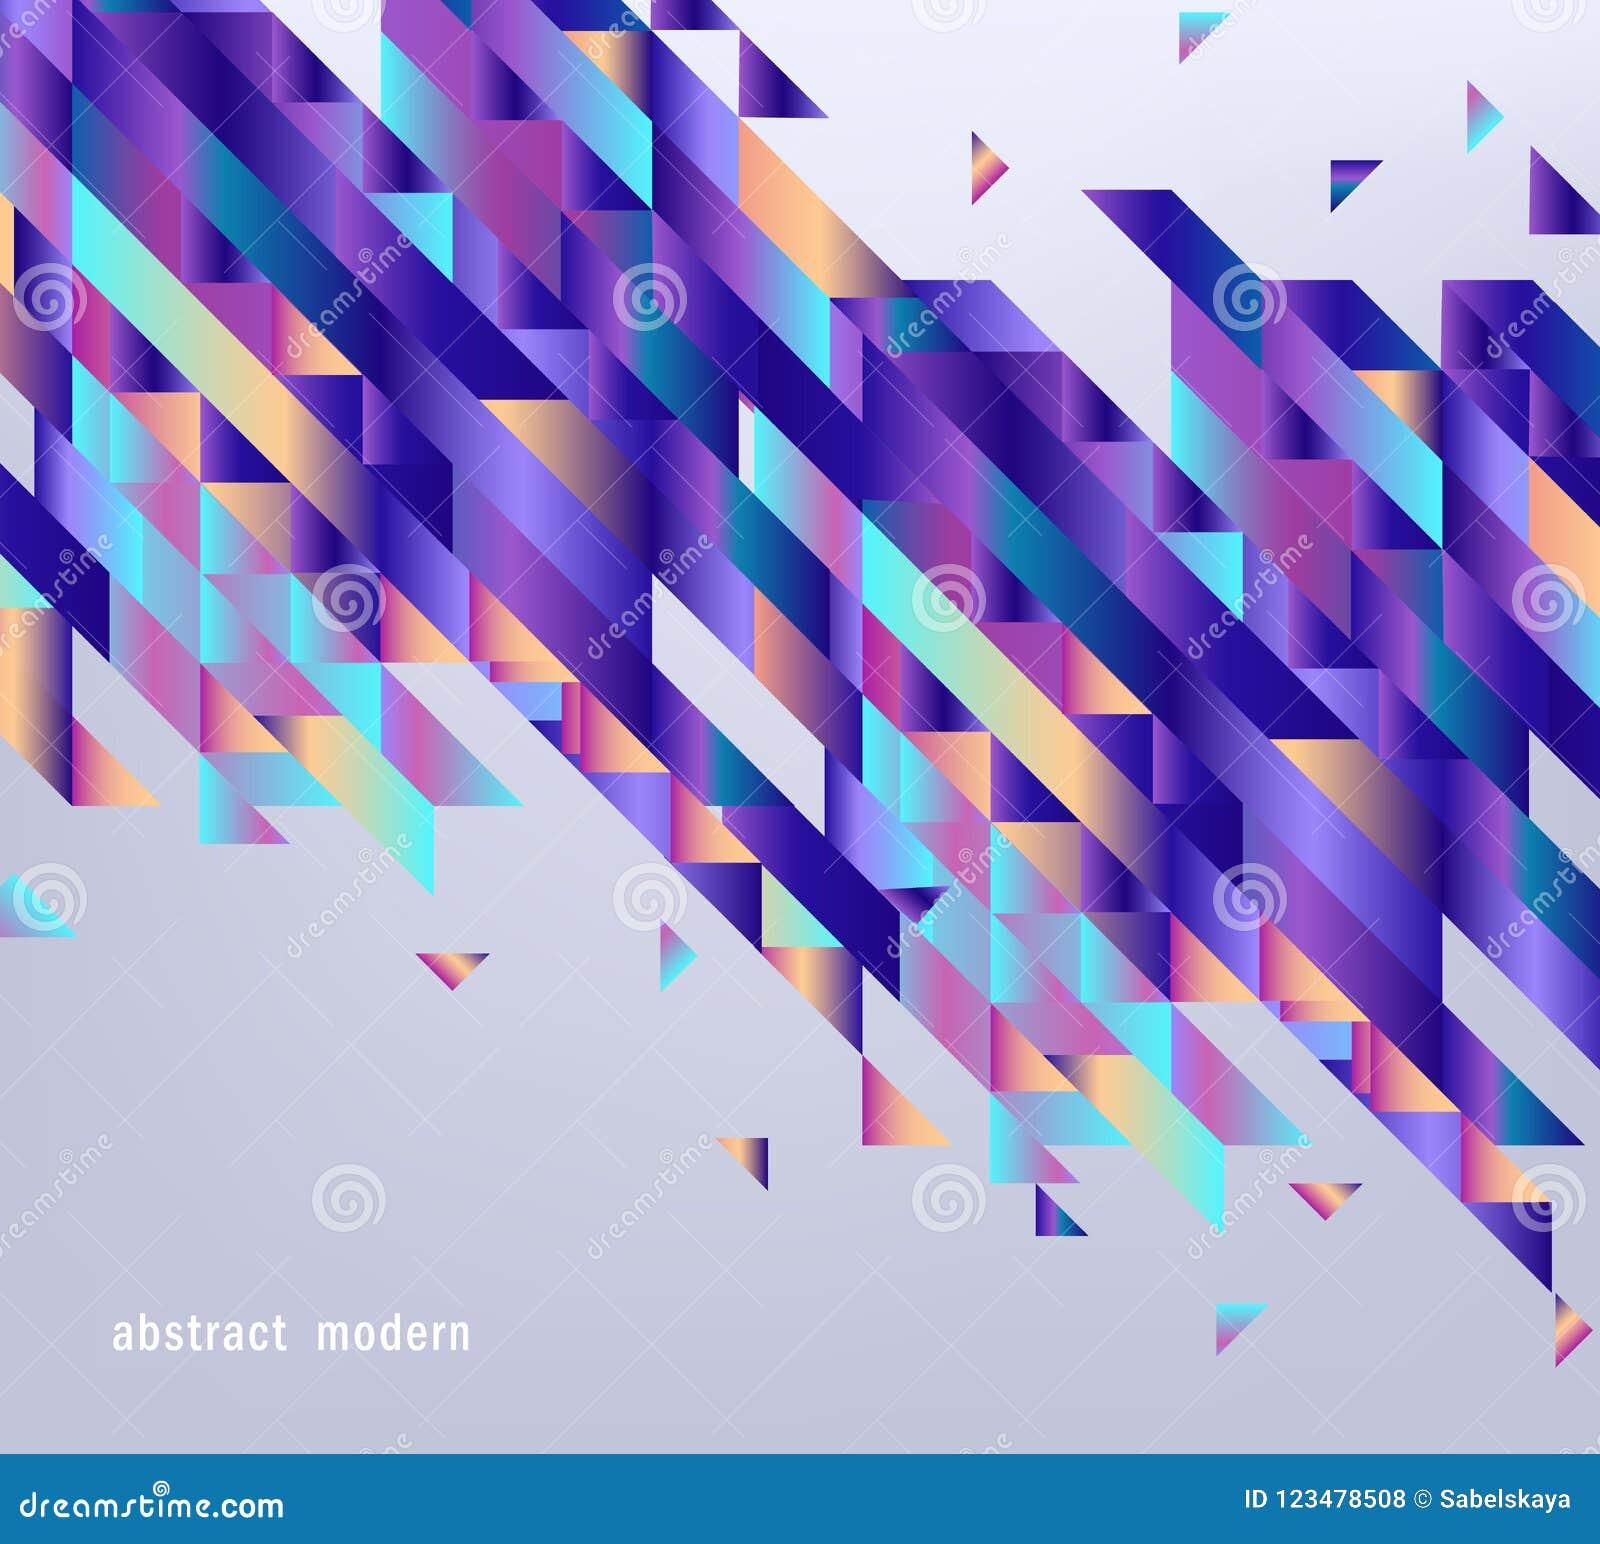 Moderne gradiëntbanner met abstracte geometrische vormen en strepen met vloeibare kleur op grijze achtergrond